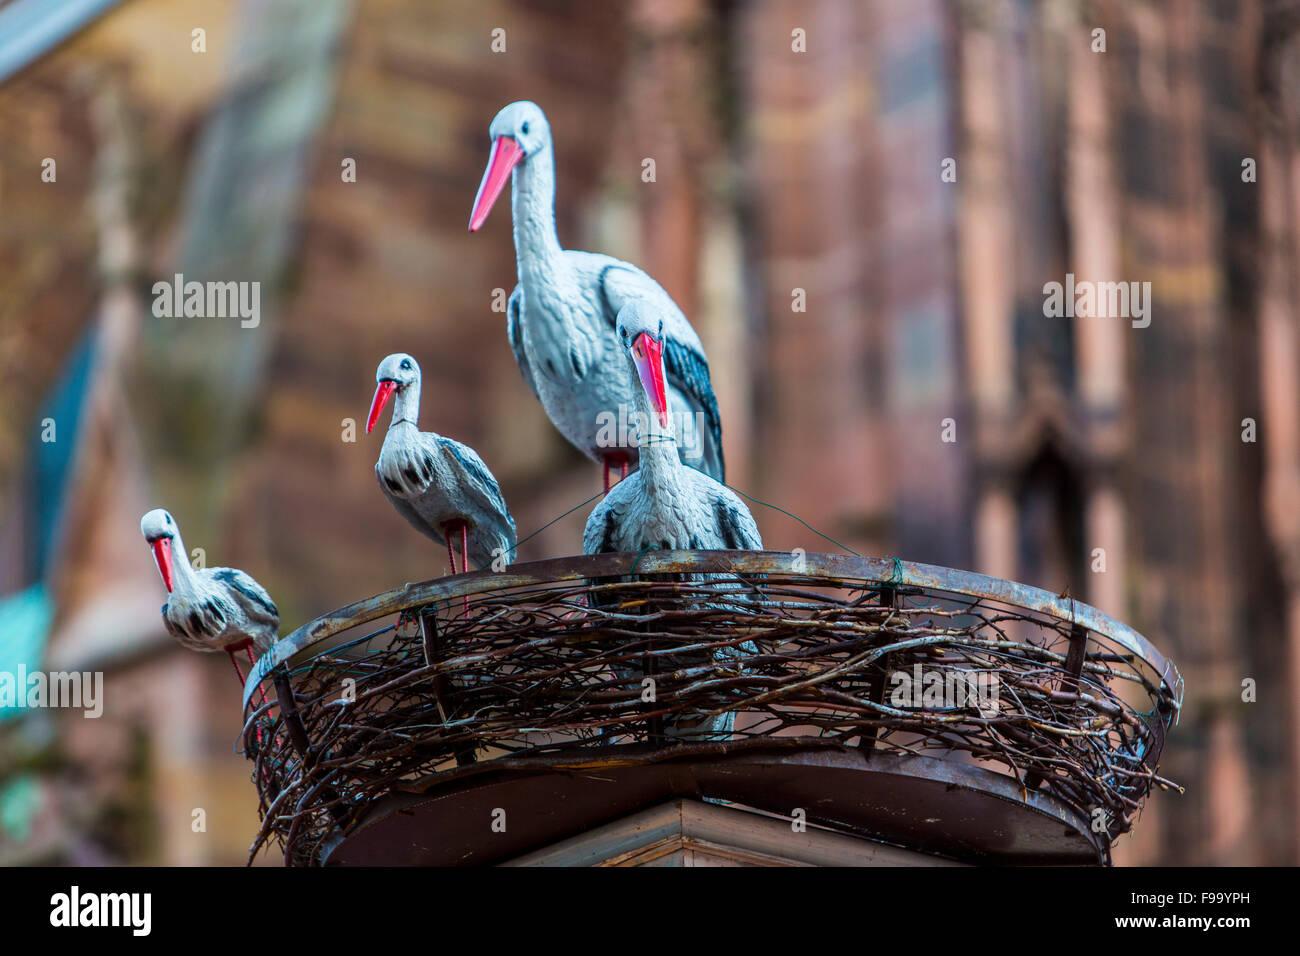 Alsatian storks, emblem, a symbolic figure, Strasbourg, Alsace, France, - Stock Image